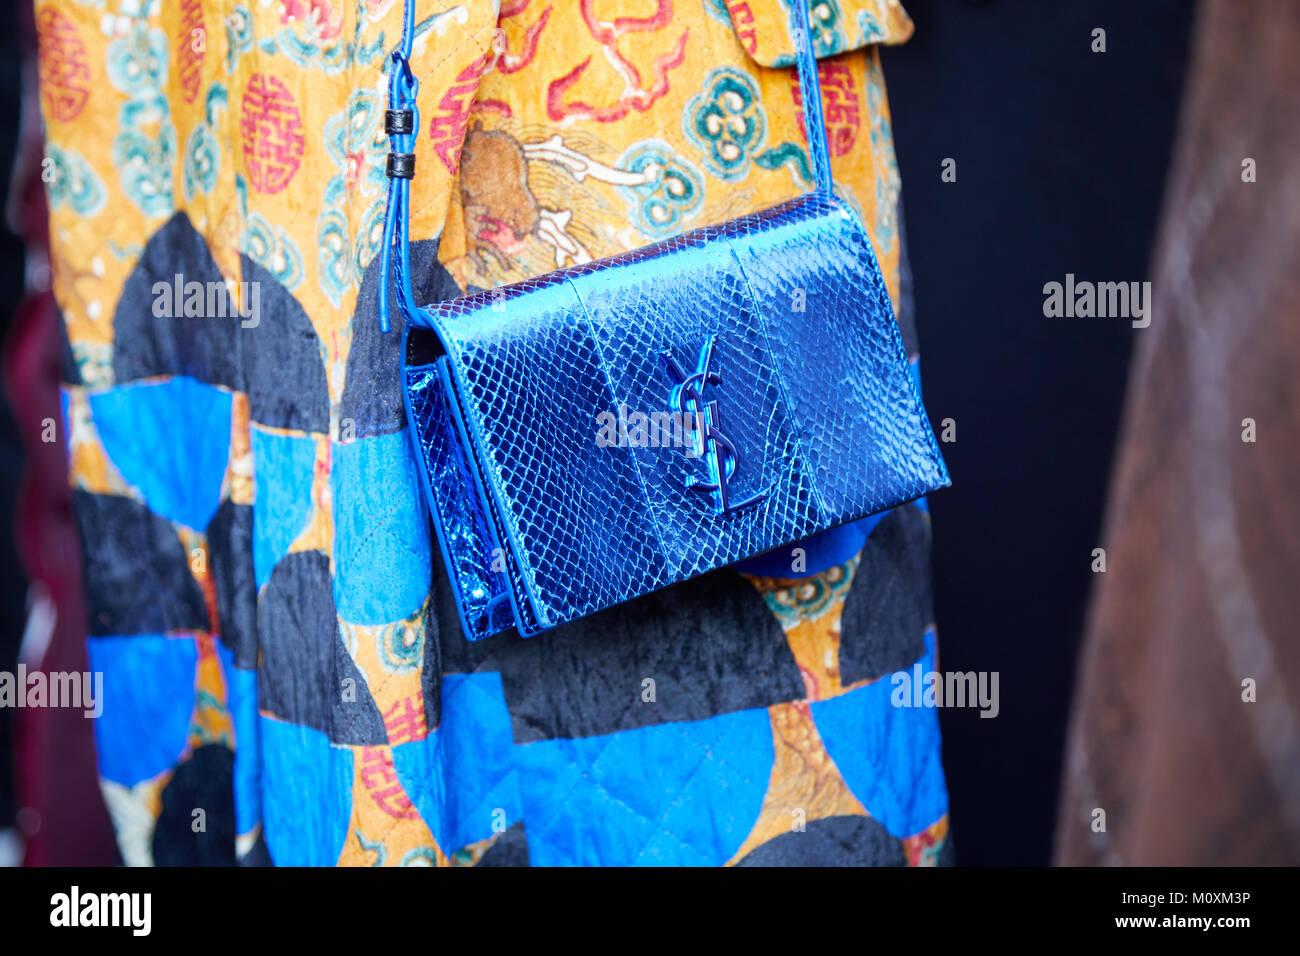 ea4bef520974a Yves Saint Laurent Bag Stock Photos   Yves Saint Laurent Bag Stock ...